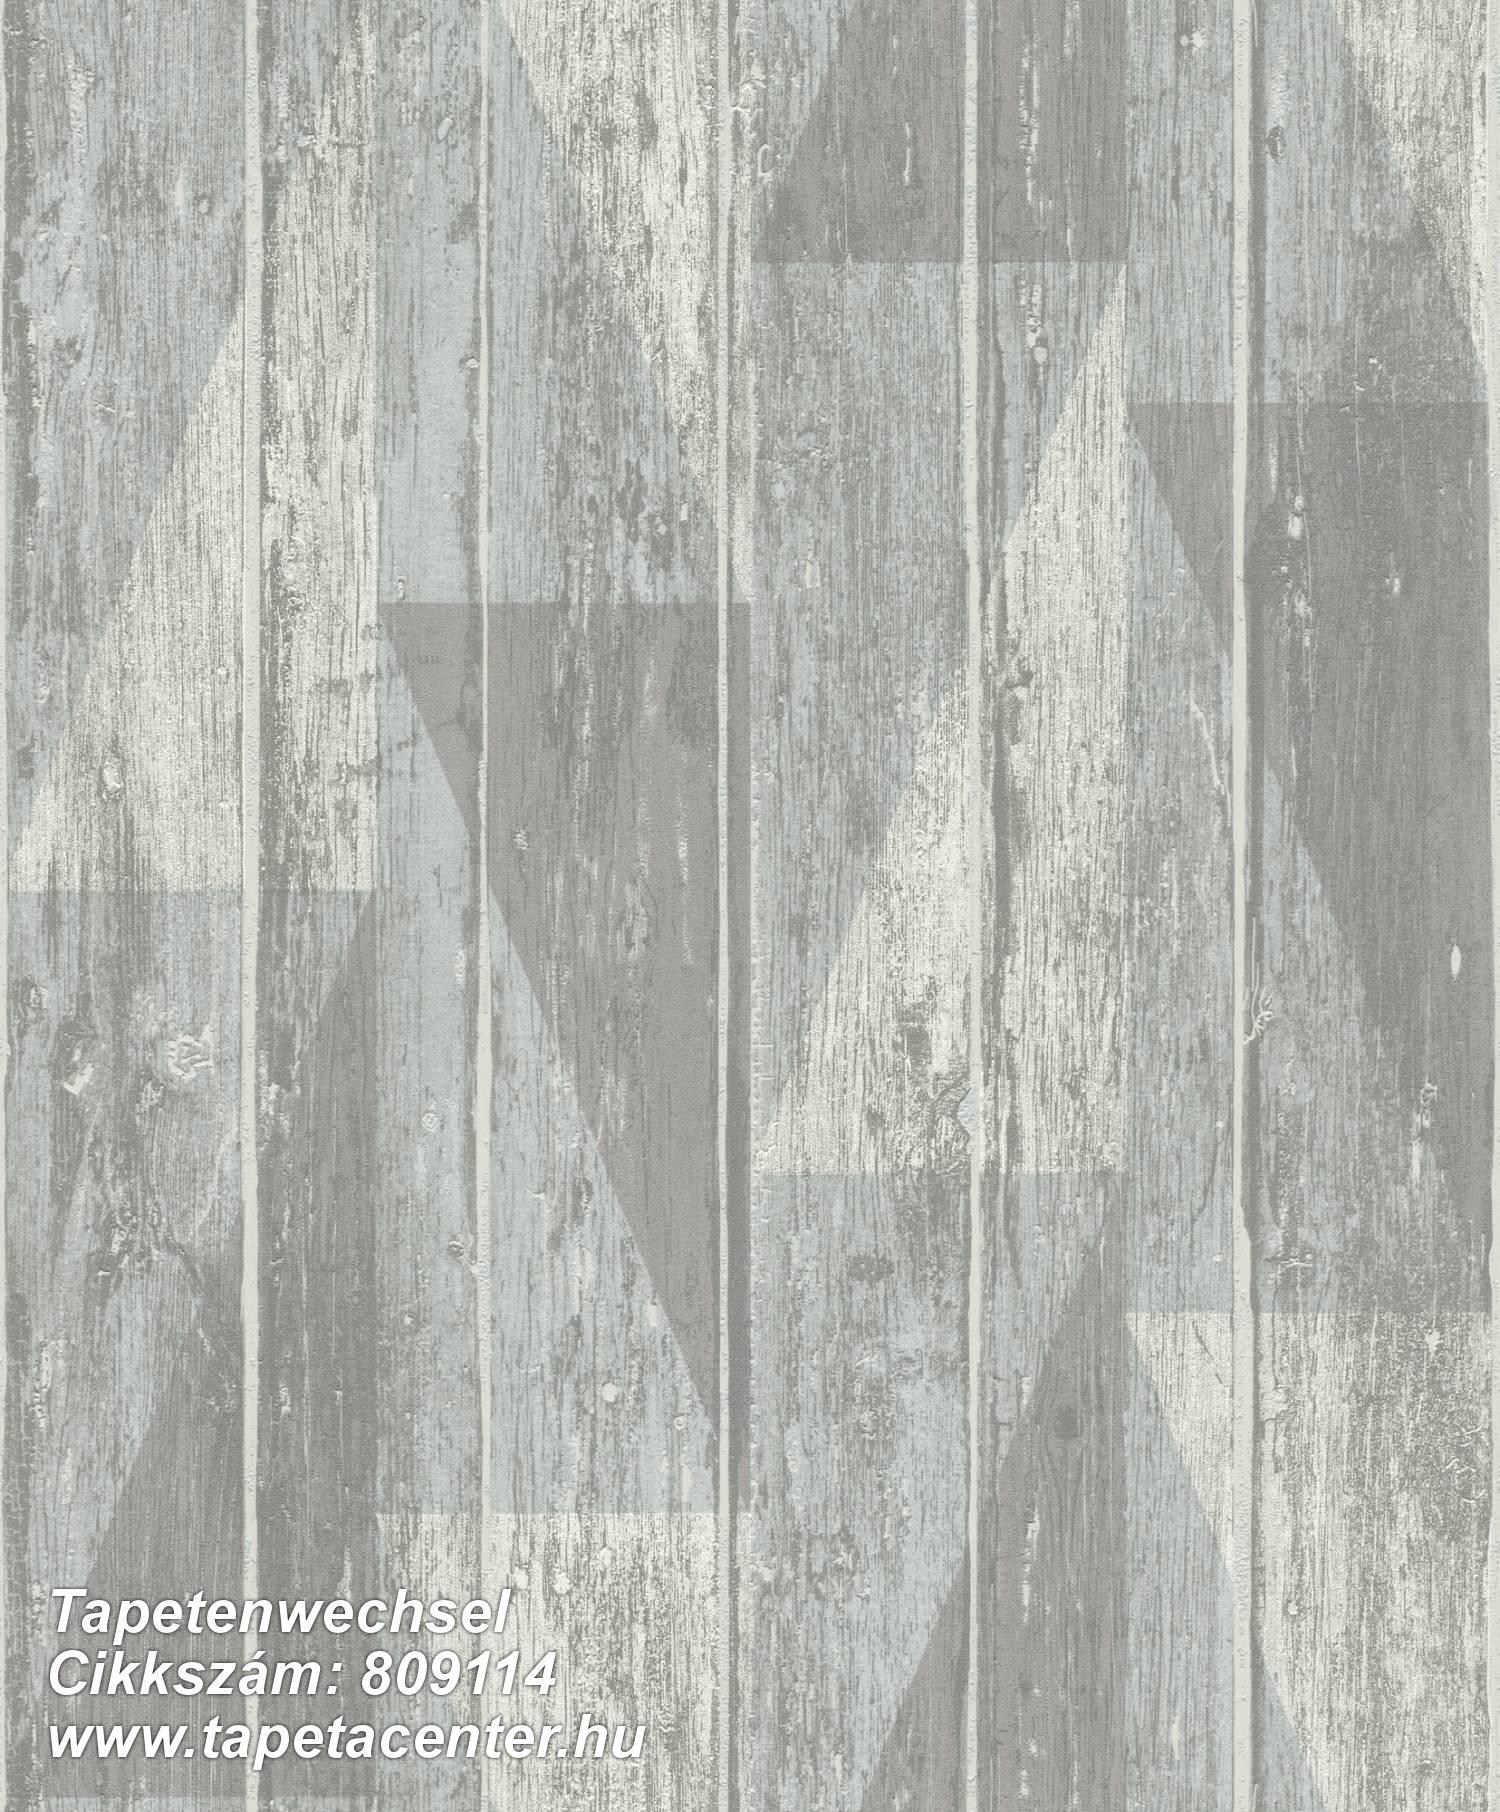 Absztrakt,fa hatású-fa mintás,különleges felületű,barna,kék,szürke,lemosható,illesztés mentes,vlies tapéta